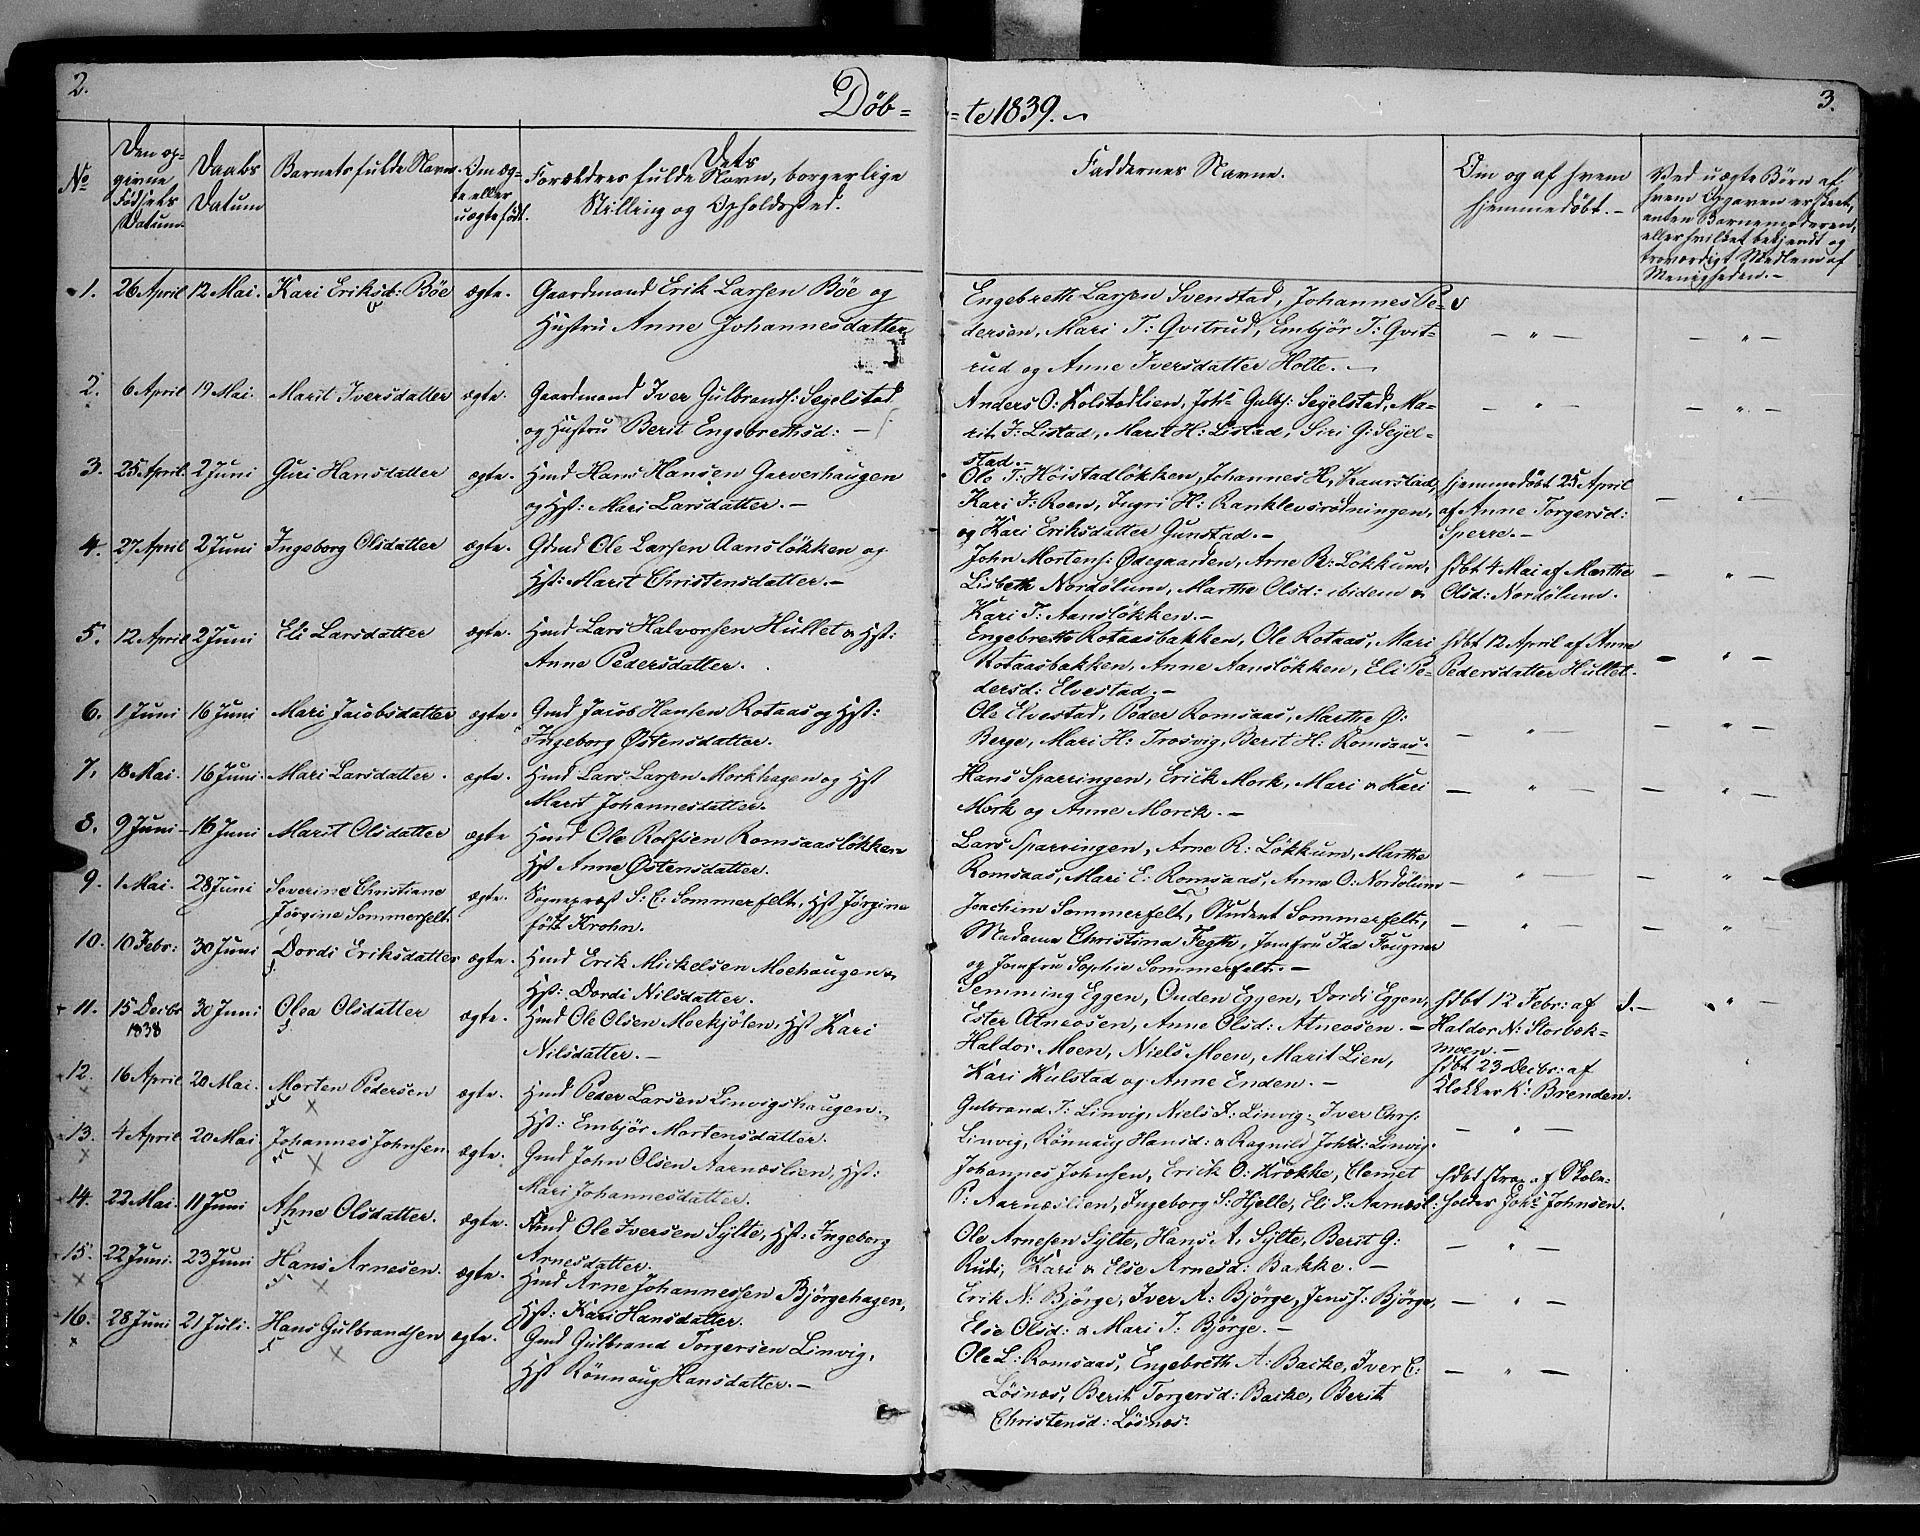 SAH, Ringebu prestekontor, Parish register (official) no. 5, 1839-1848, p. 2-3